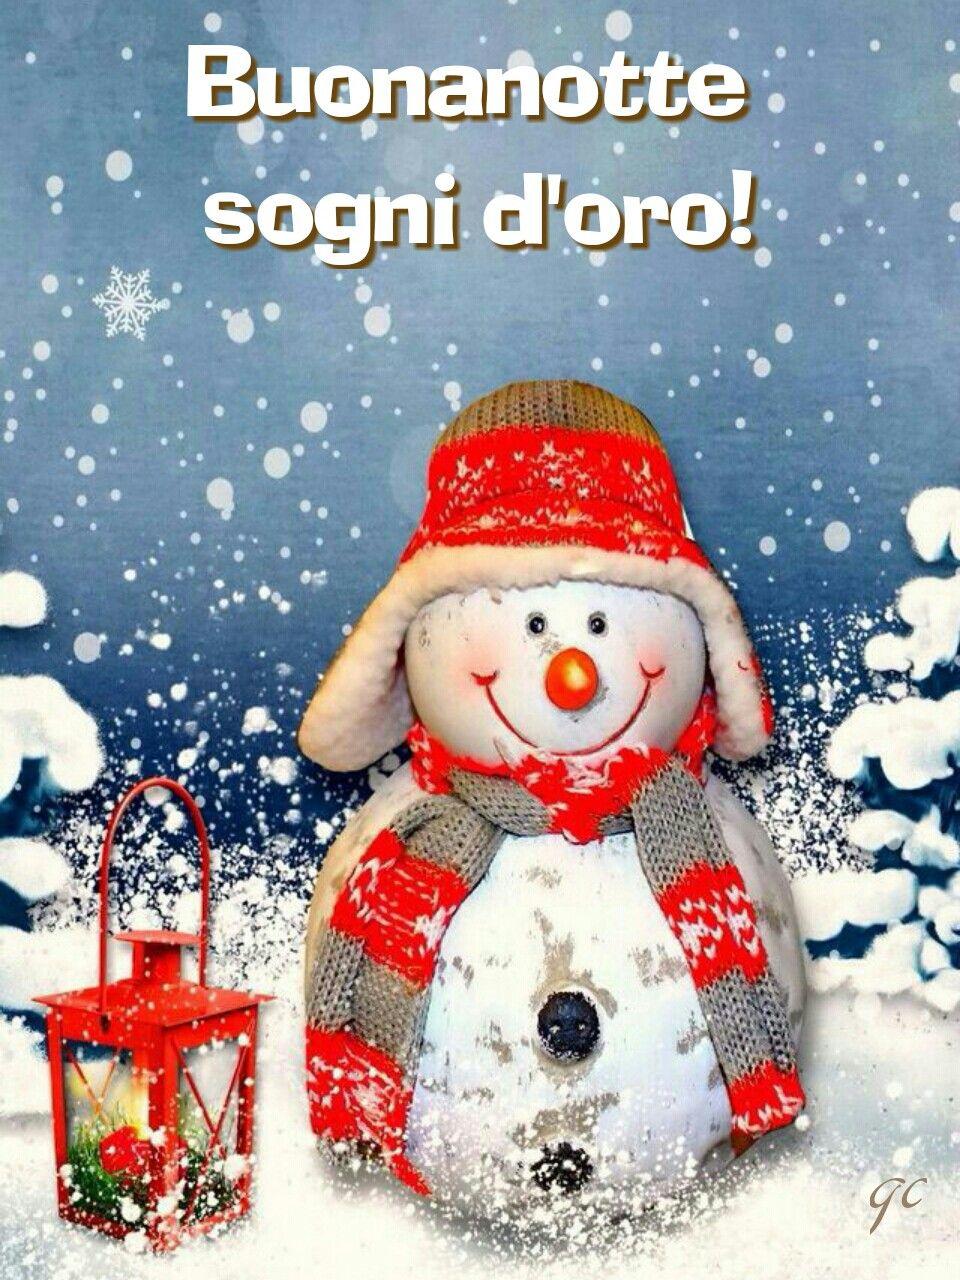 Immagini Di Buona Notte Di Natale.Pin Di Doris Spiteri Su Buonanotte 3 Auguri Di Buona Notte Buonanotte Sogni D Oro